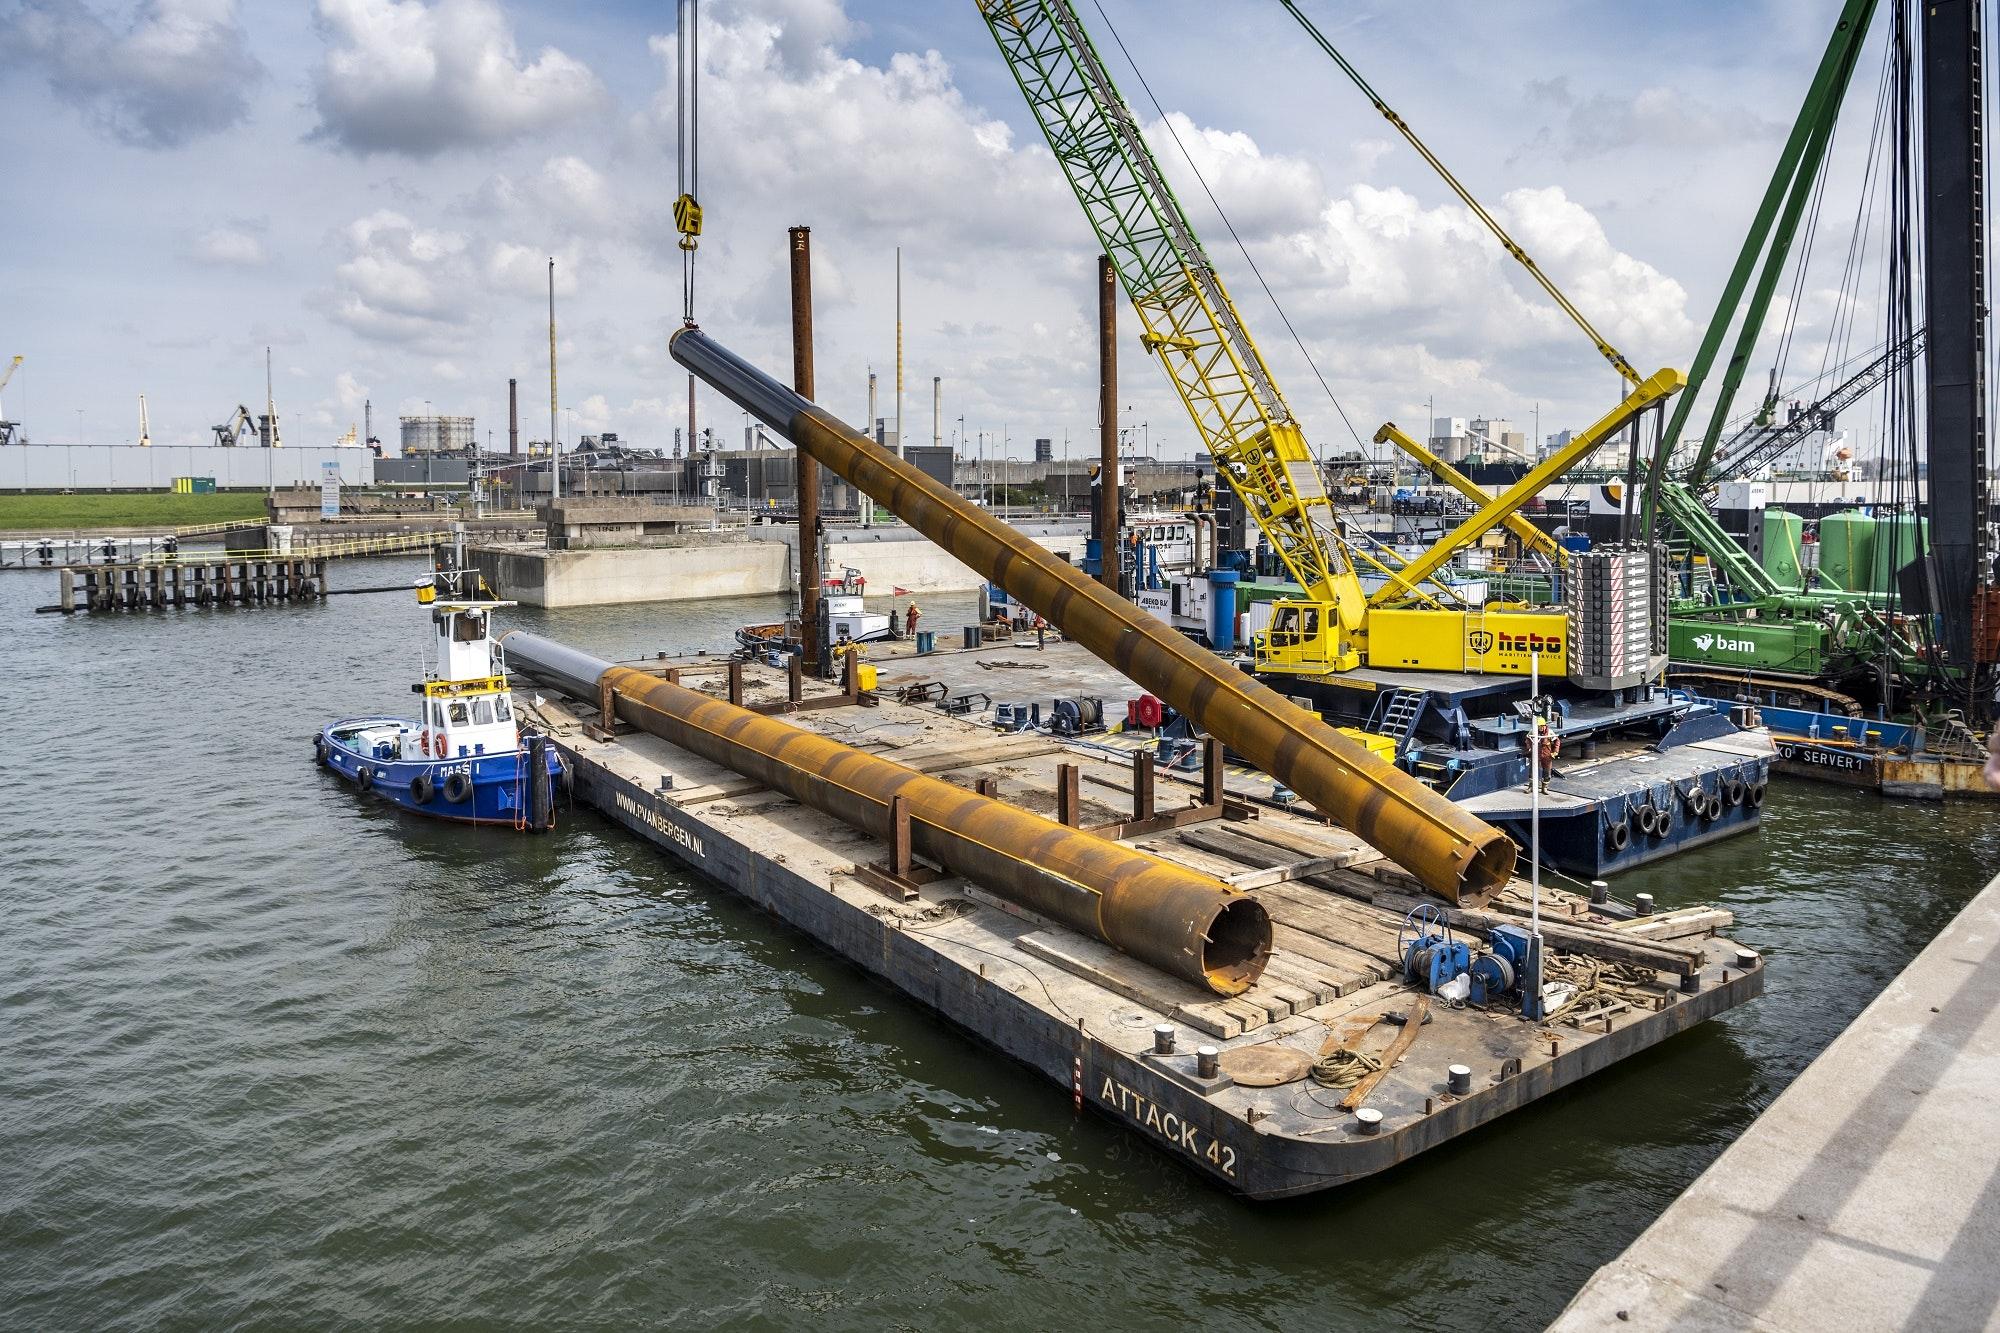 41-meter lange platen voor het geleidewerk worden aangebracht door een boorkraan. (Foto Gerrit Serne / Rijkswaterstaat)